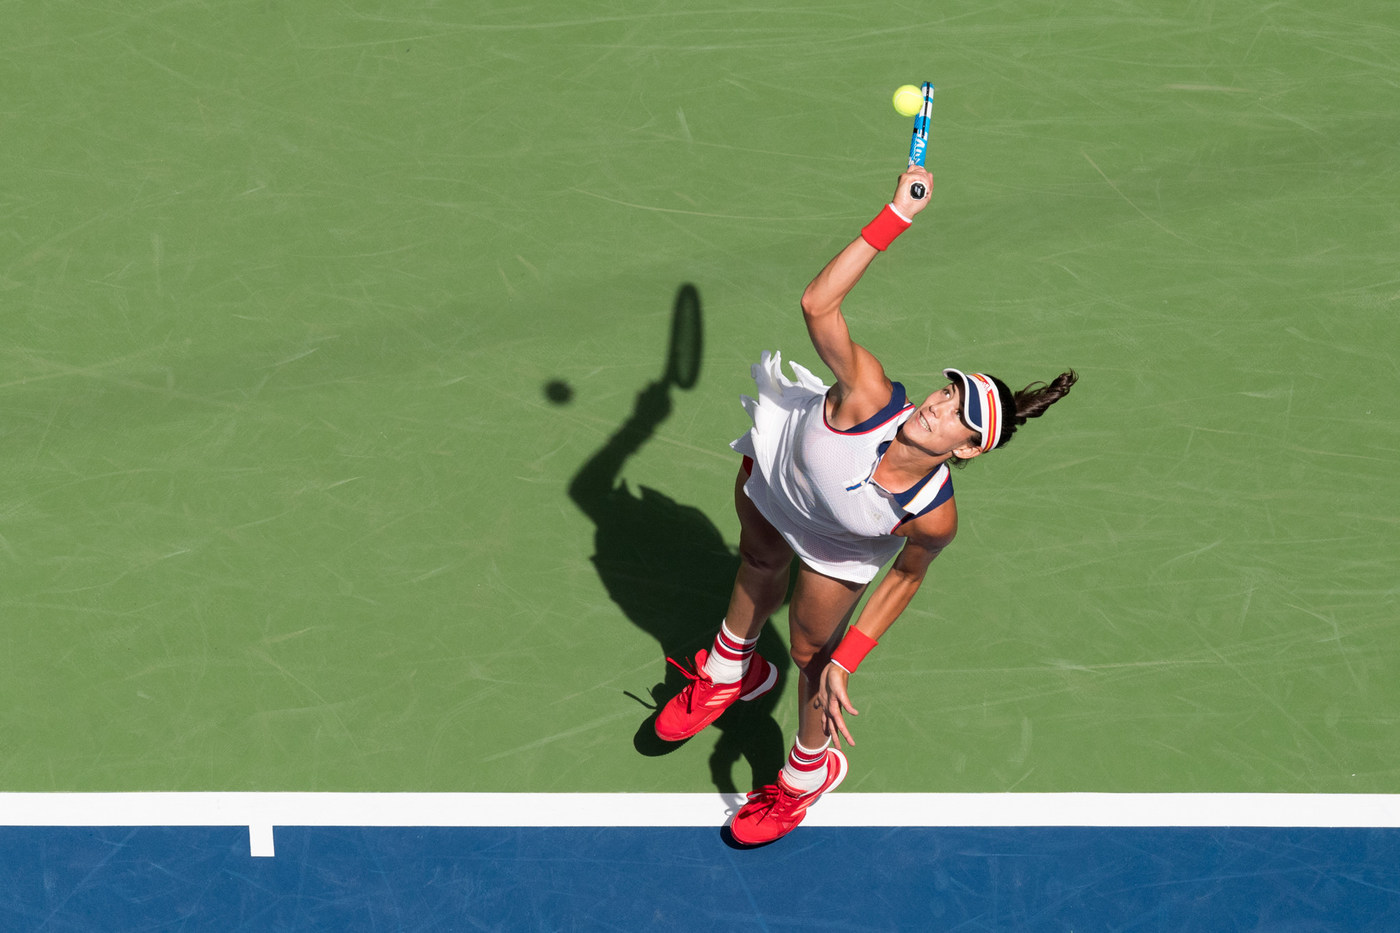 Muguruza sẽ trở thành tay vợt số 1 thế giới kể từ tuần sau